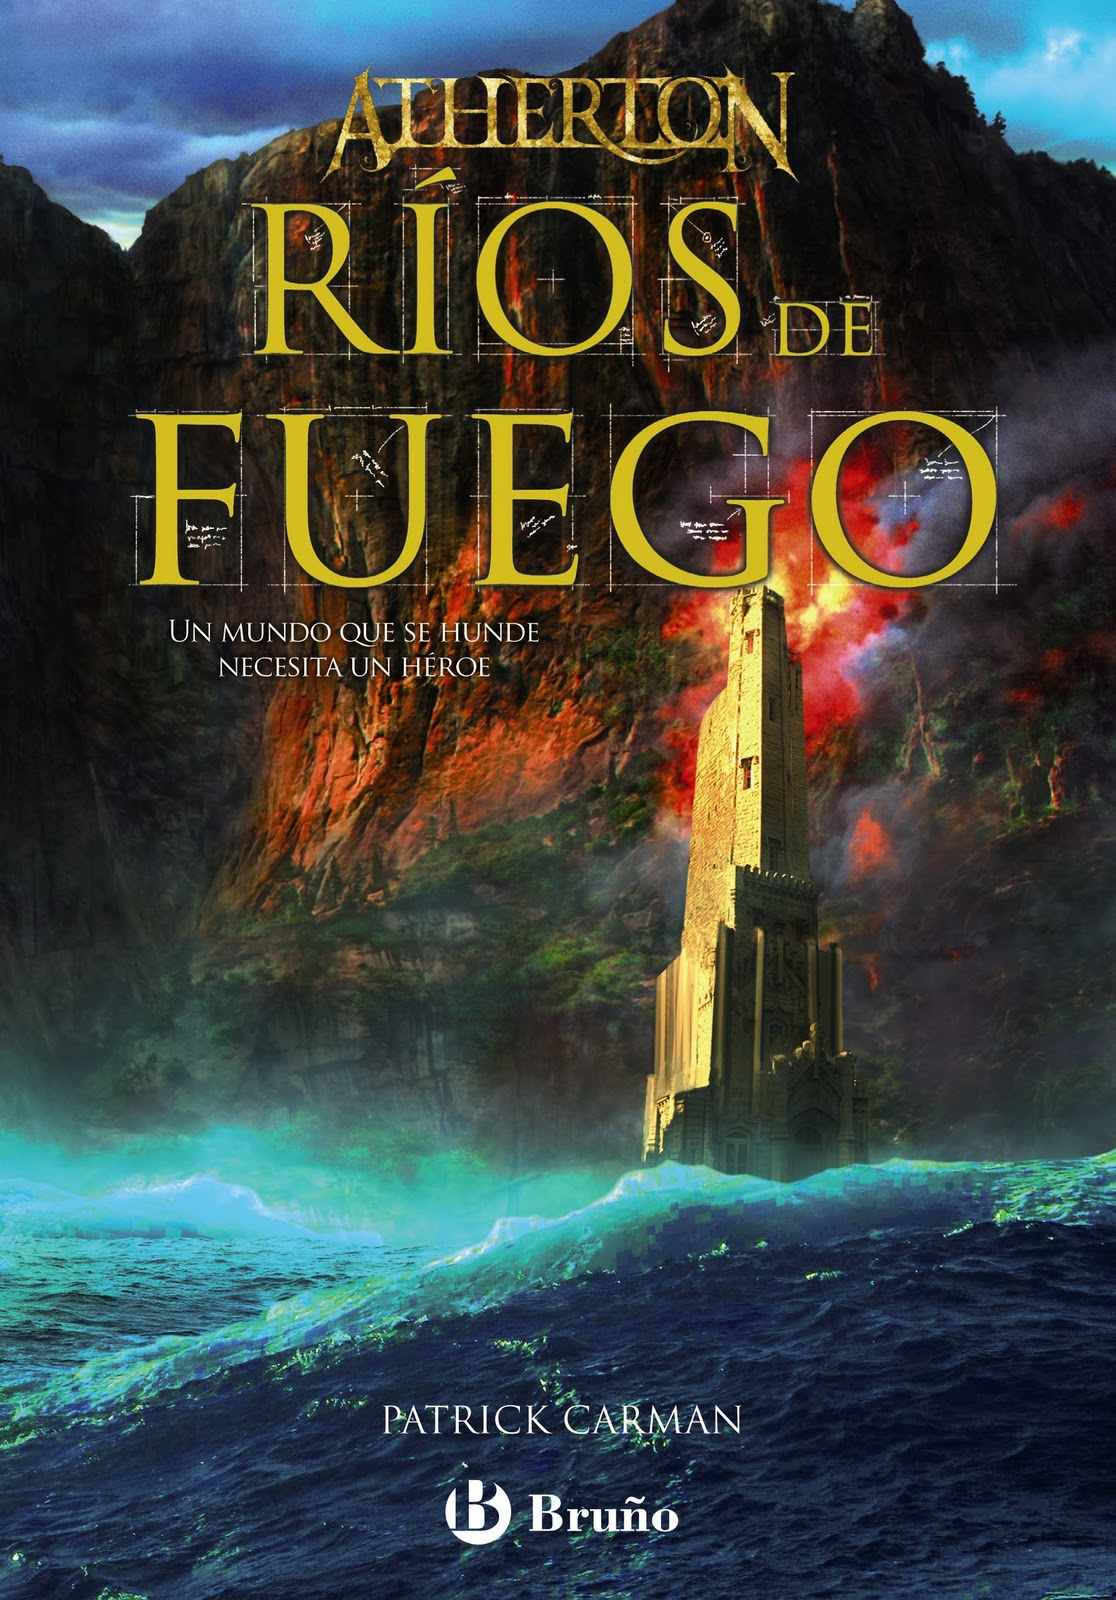 atherton-libro-segundo-rios-de-fuego-patrick-carman-recomendaciones-interesantes-libros-opinion-literatura-blogs-blogger